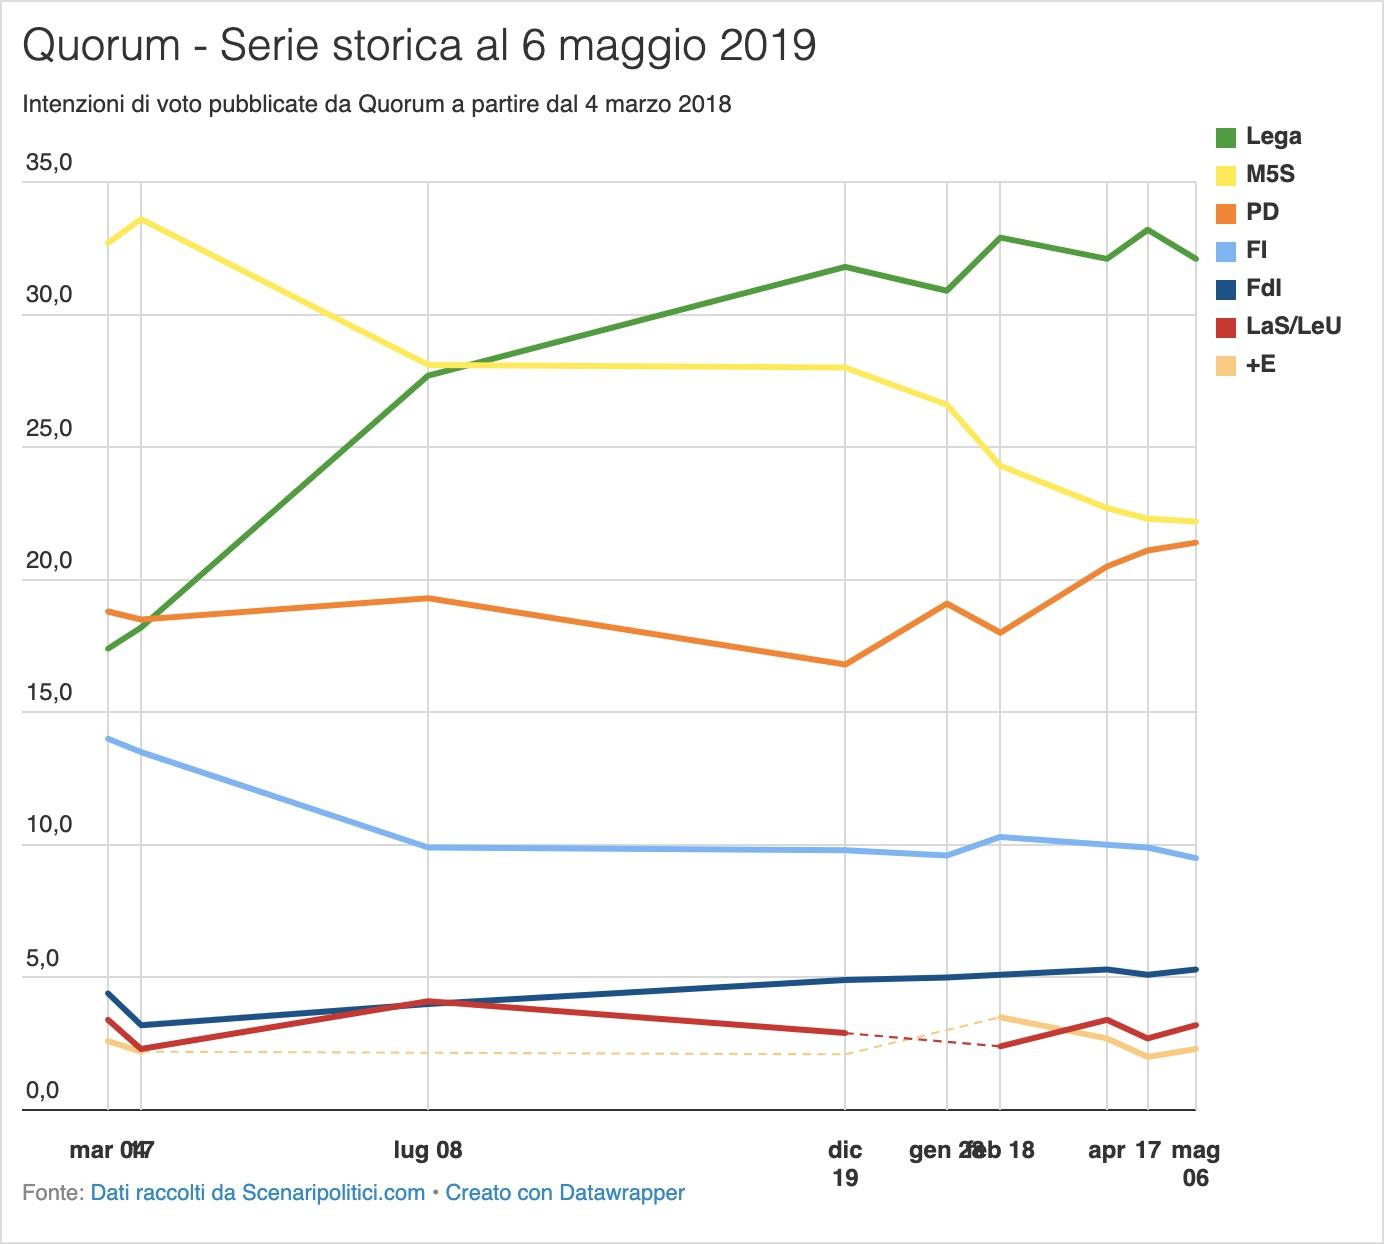 Sondaggio Quorum 6 maggio 2019